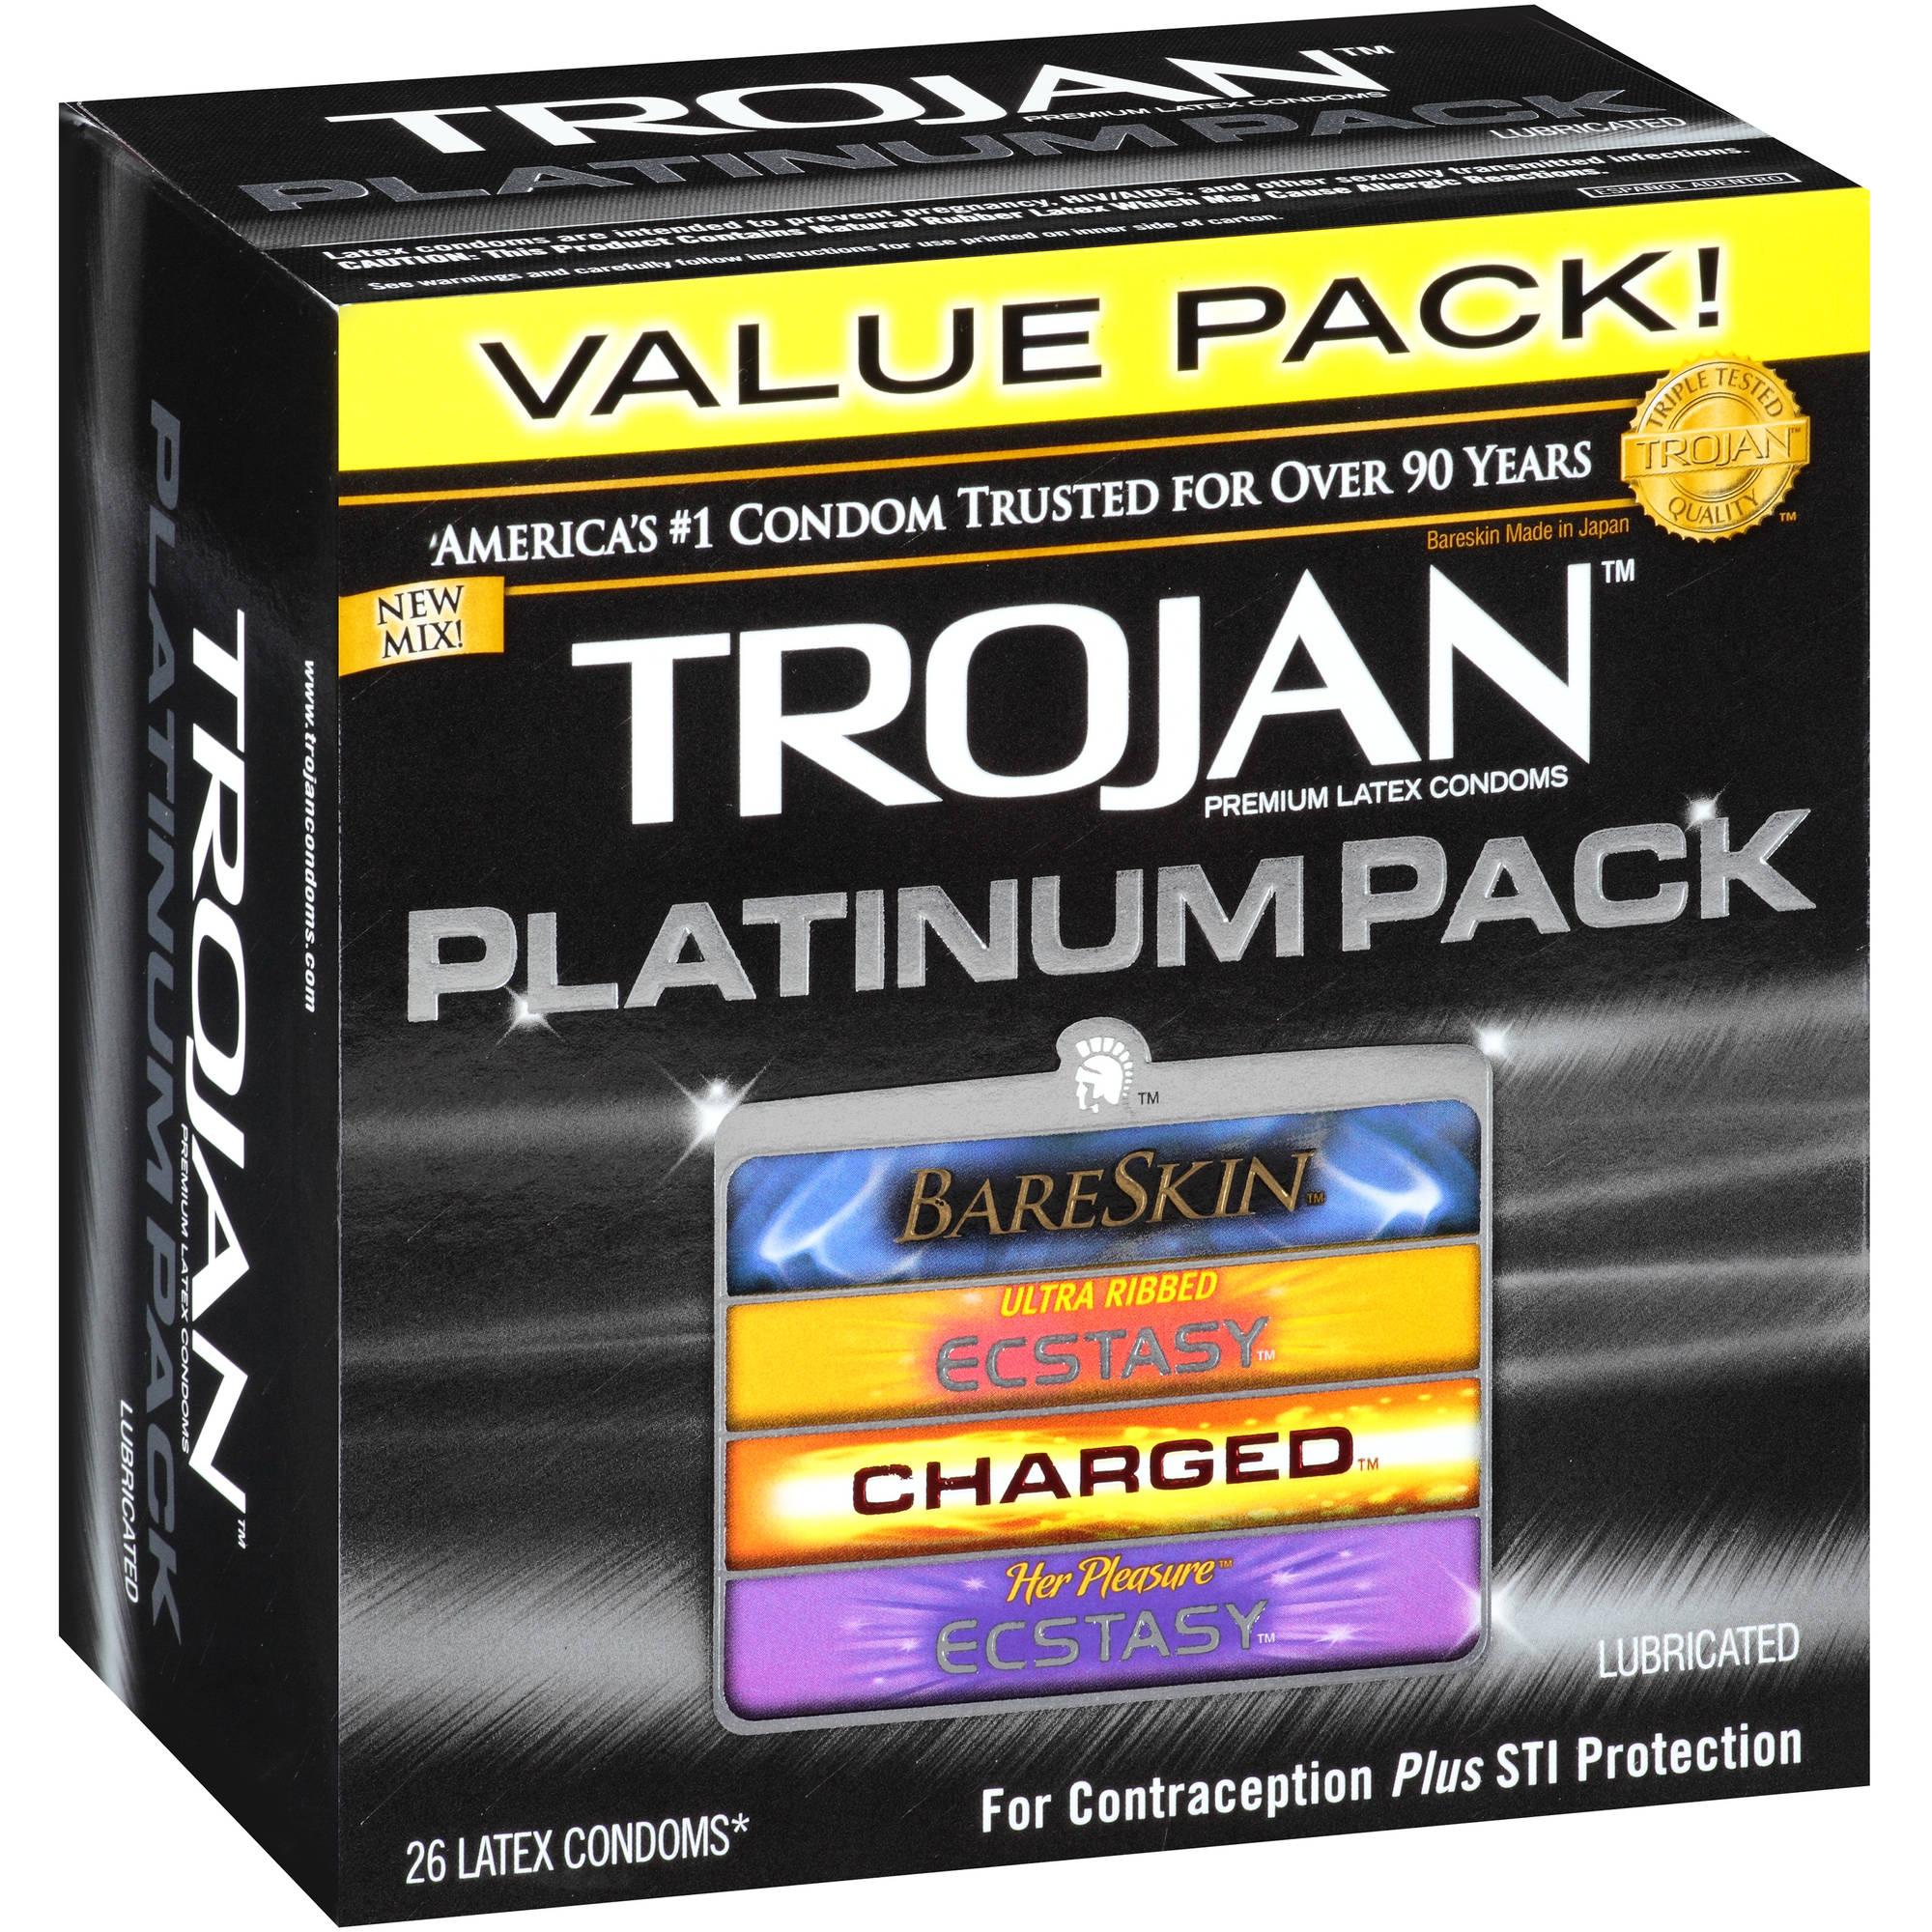 Trojan Platinum Pack Assorted Lubricated Latex Condoms - 26 ct